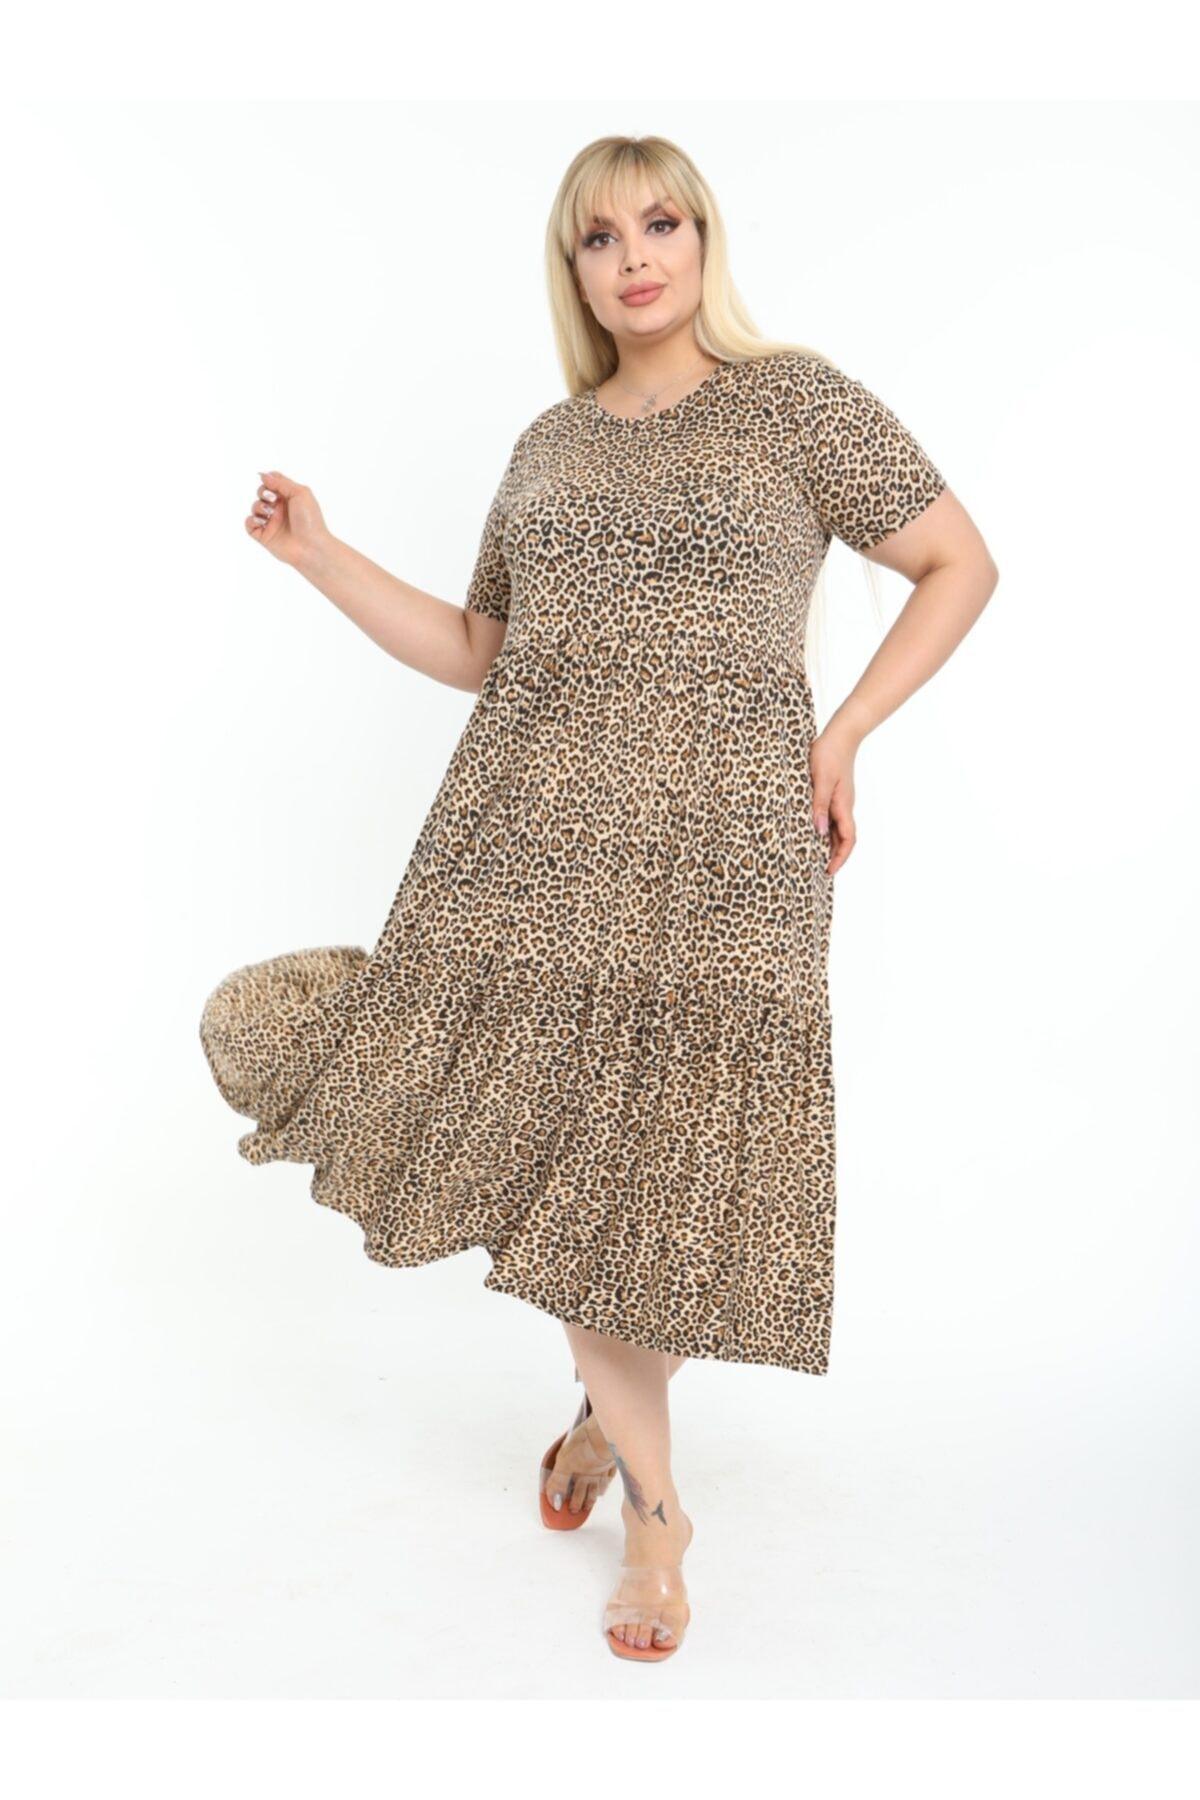 Kadın Kahverengi Büyük Beden Leopar Desen Büzgülü 3 Katlı Lı Viskon Elbise